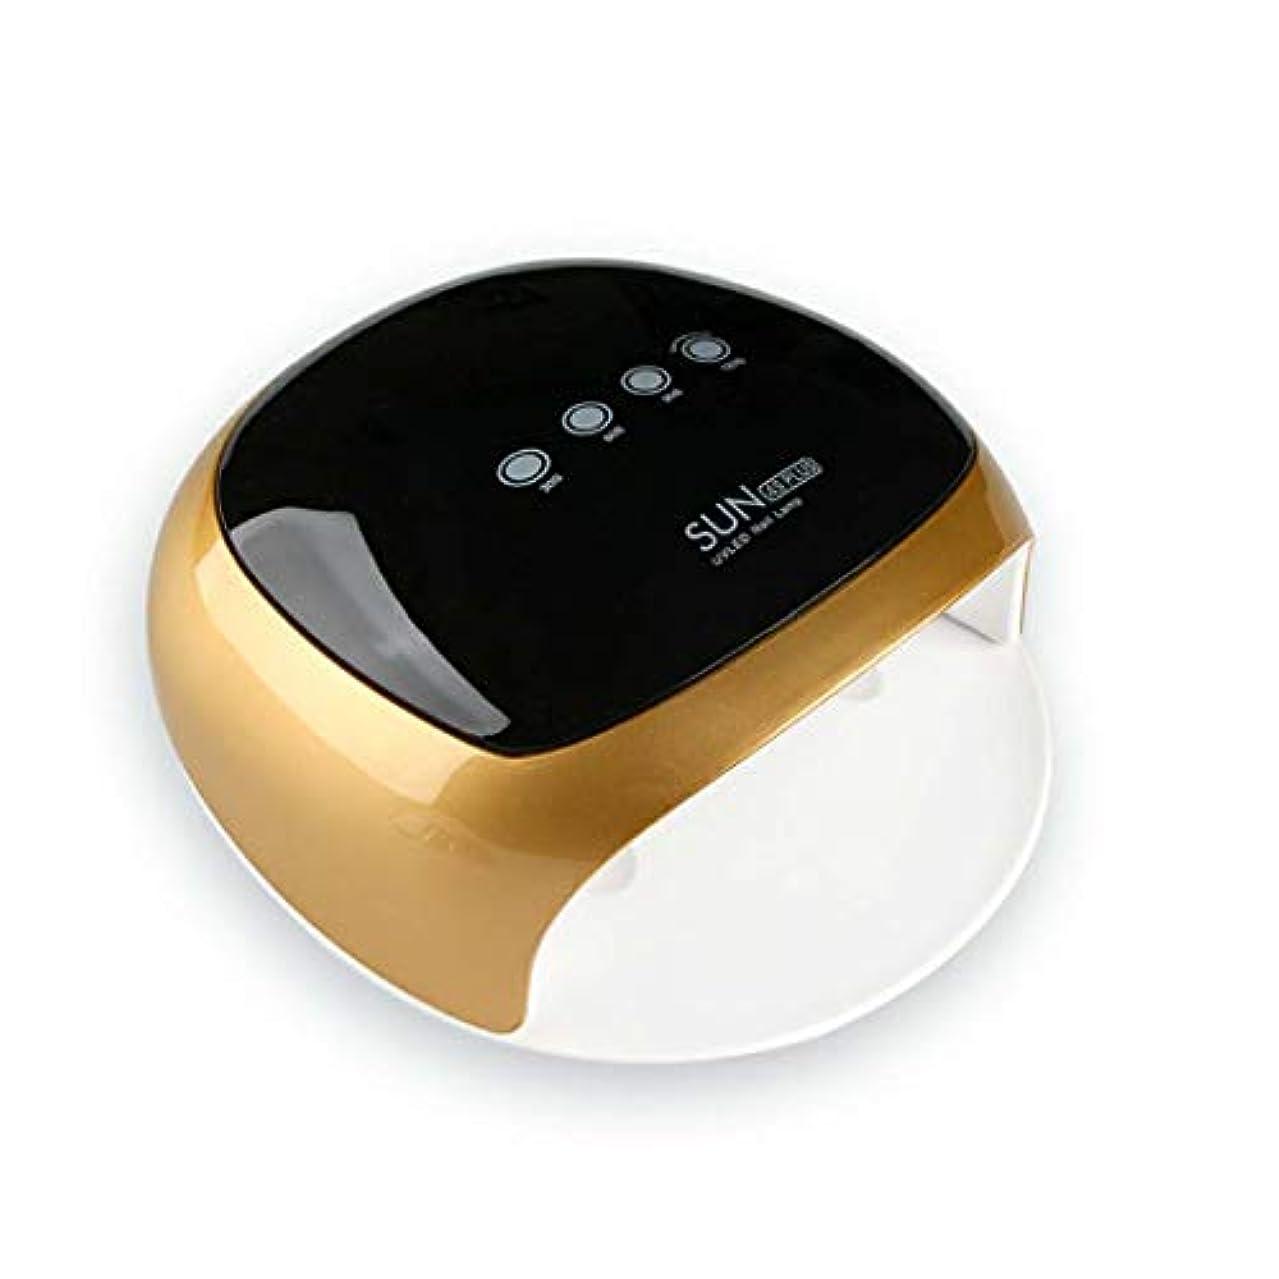 収入不確実脅威KUNIDE ネイルライト 硬化ライト ネイルドライヤー UV/LEDライト 52W ネイルランプ 速乾性 タッチキー 自動センサー付き 4段階タイマー機能 ジェルネイル用 手足兼用 (きんいろ)